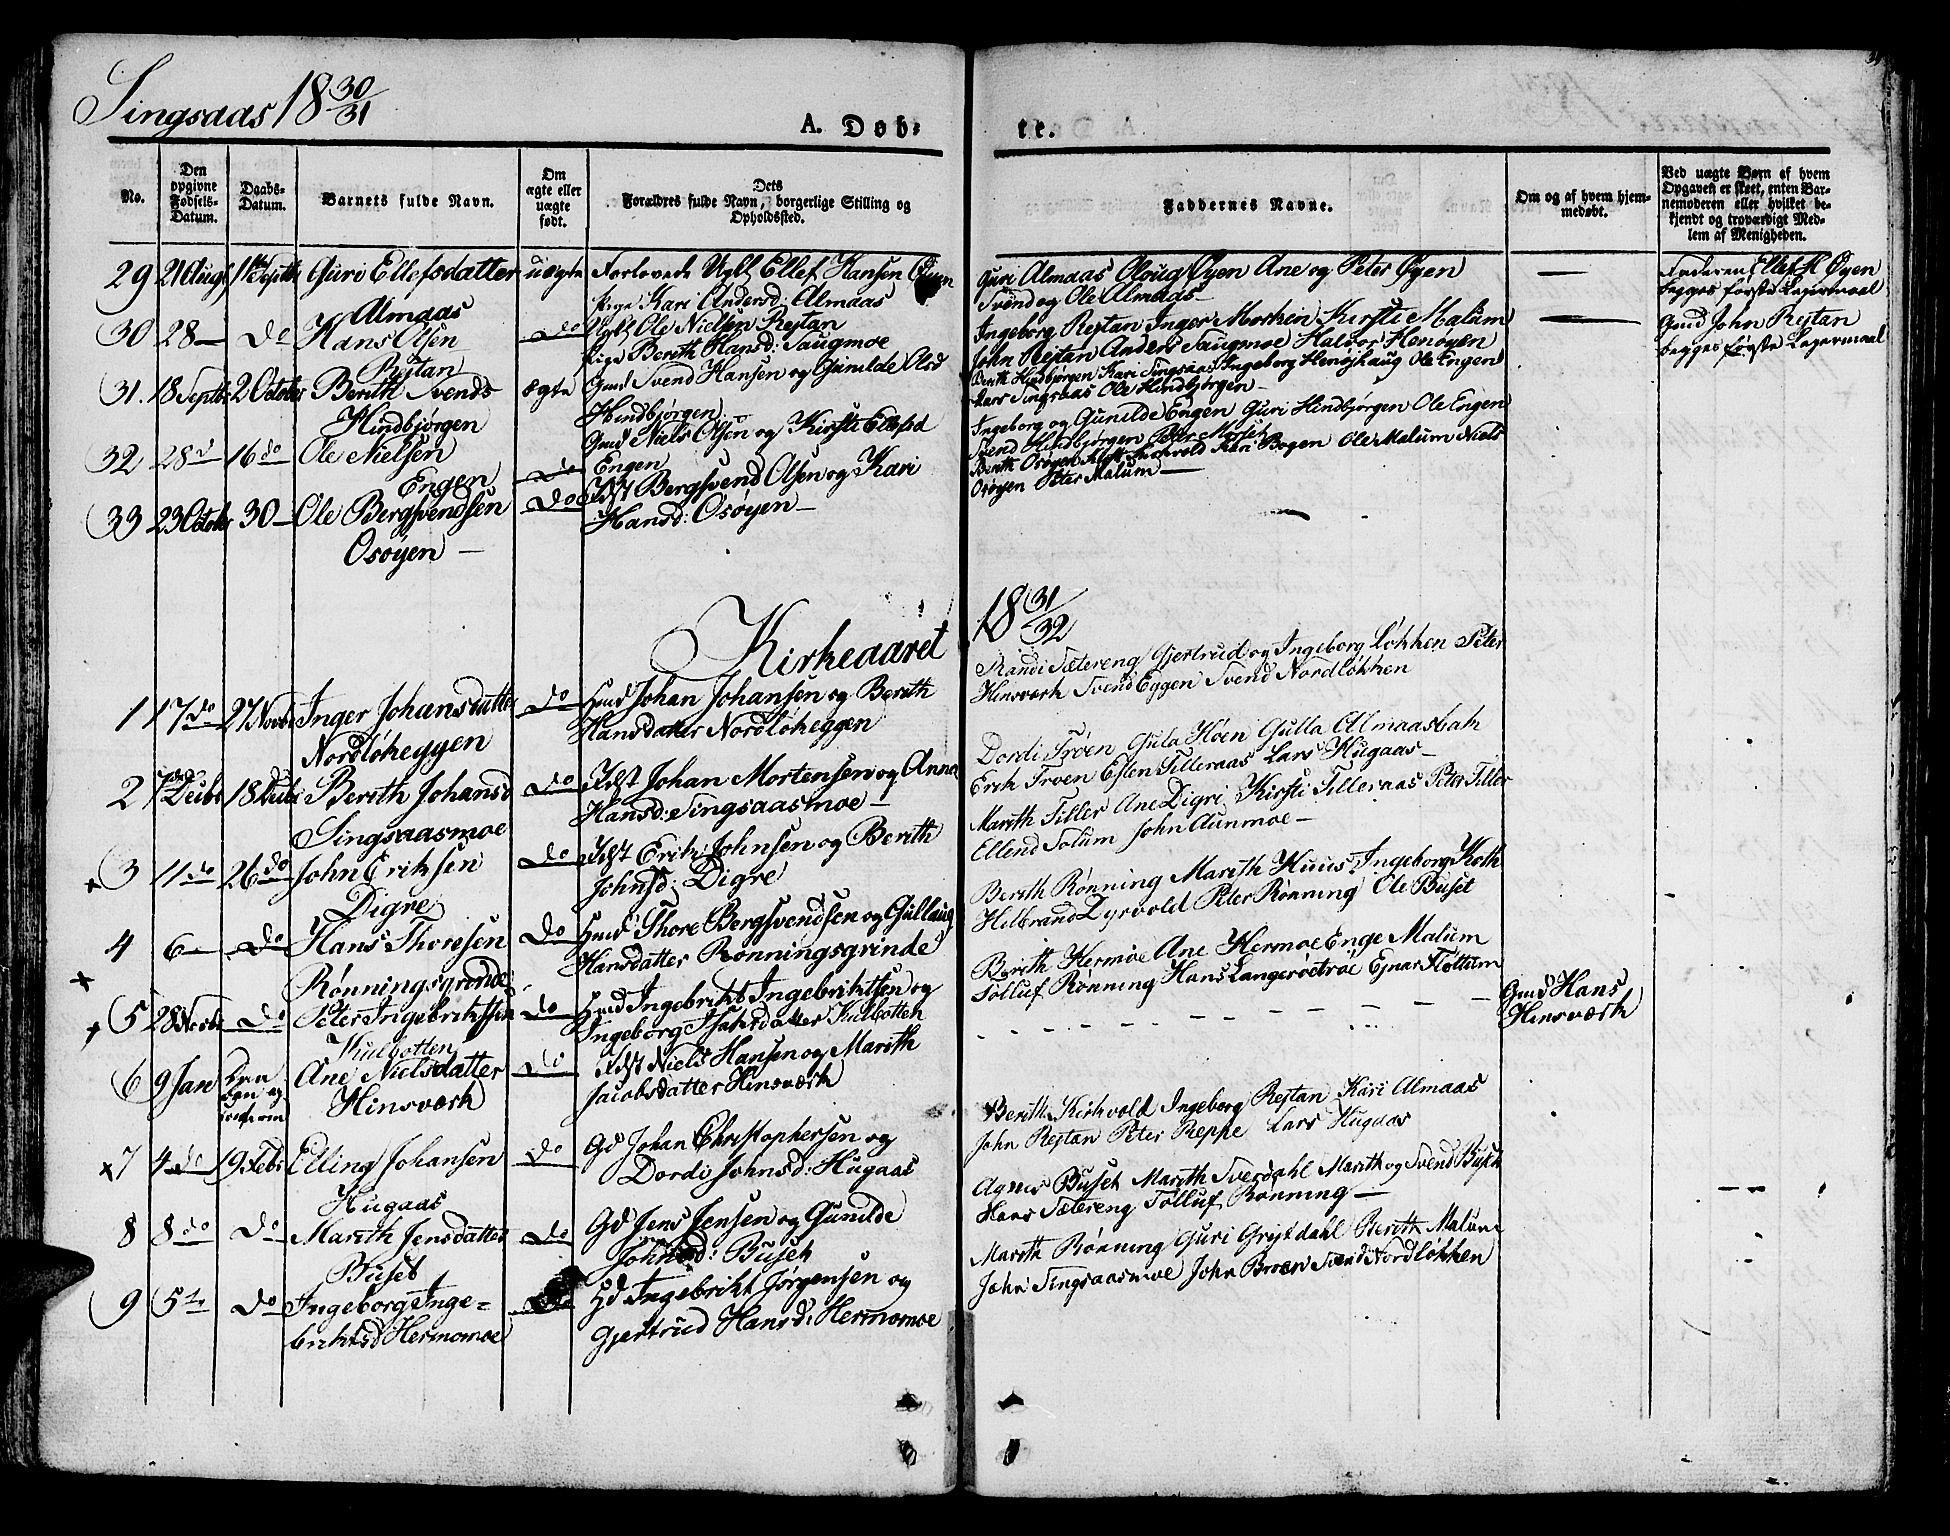 SAT, Ministerialprotokoller, klokkerbøker og fødselsregistre - Sør-Trøndelag, 685/L0958: Ministerialbok nr. 685A04 /2, 1829-1845, s. 35